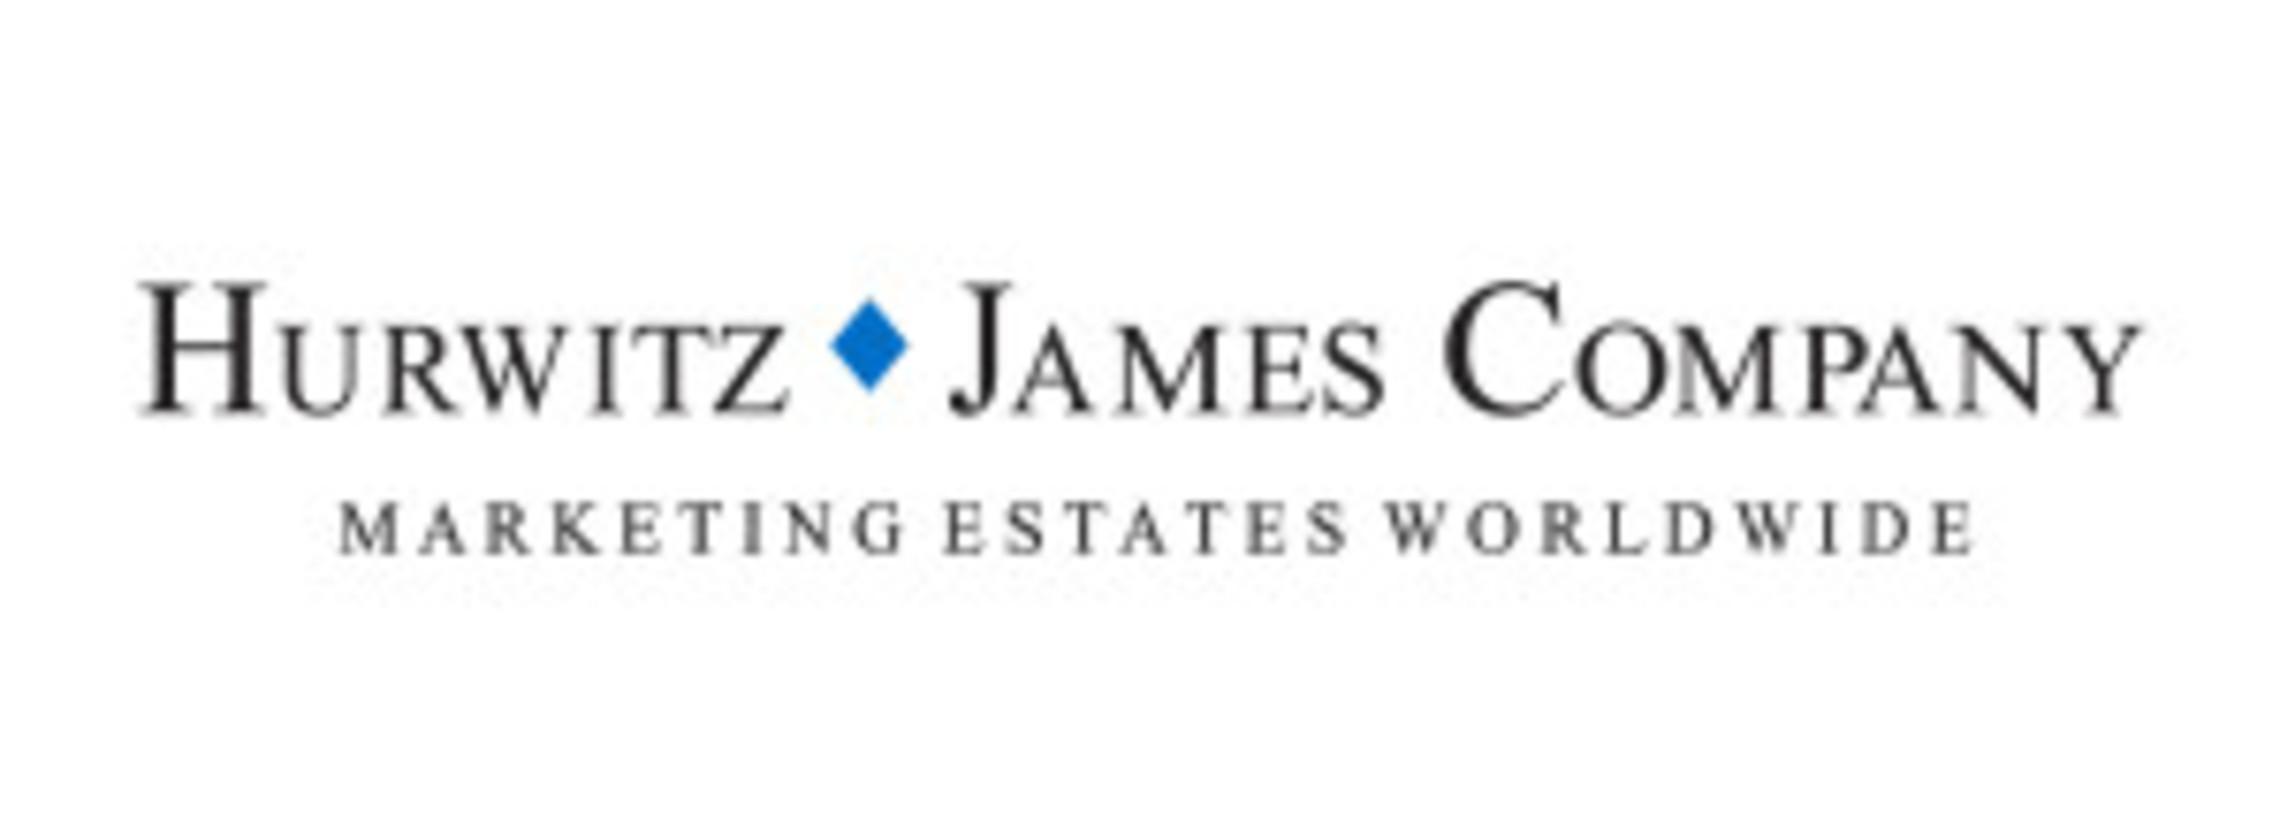 hurwitz james company- company logo